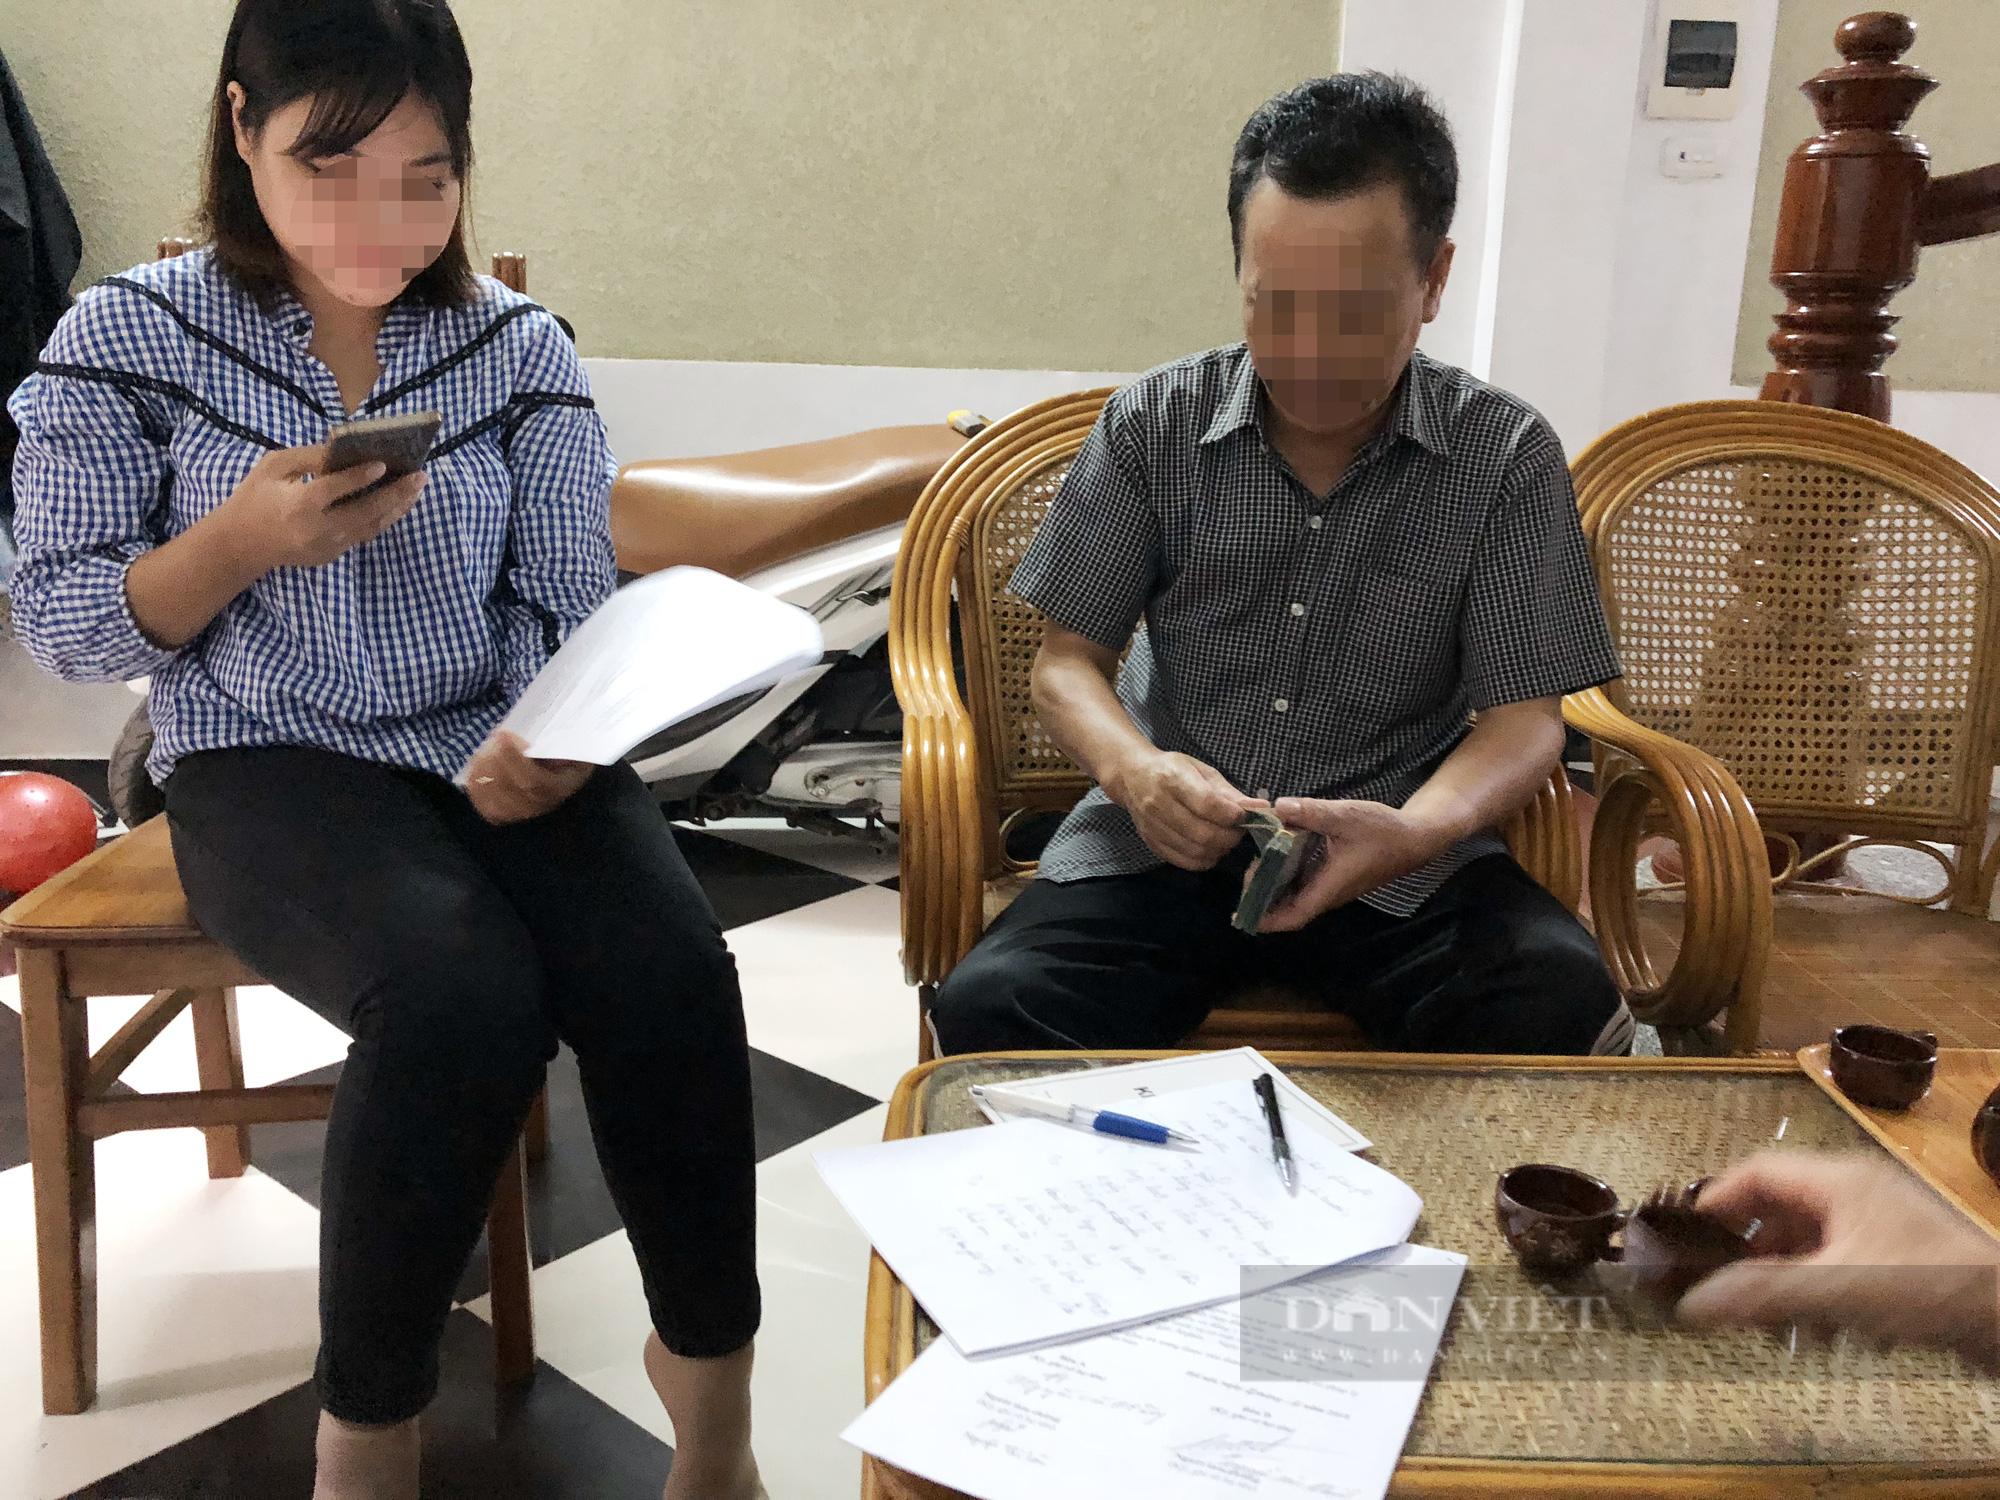 'Tậu nhà' cho con học đại học ở Hà Nội, phụ huynh tỉnh lẻ bất ngờ lãi tiền tỷ - Ảnh 2.